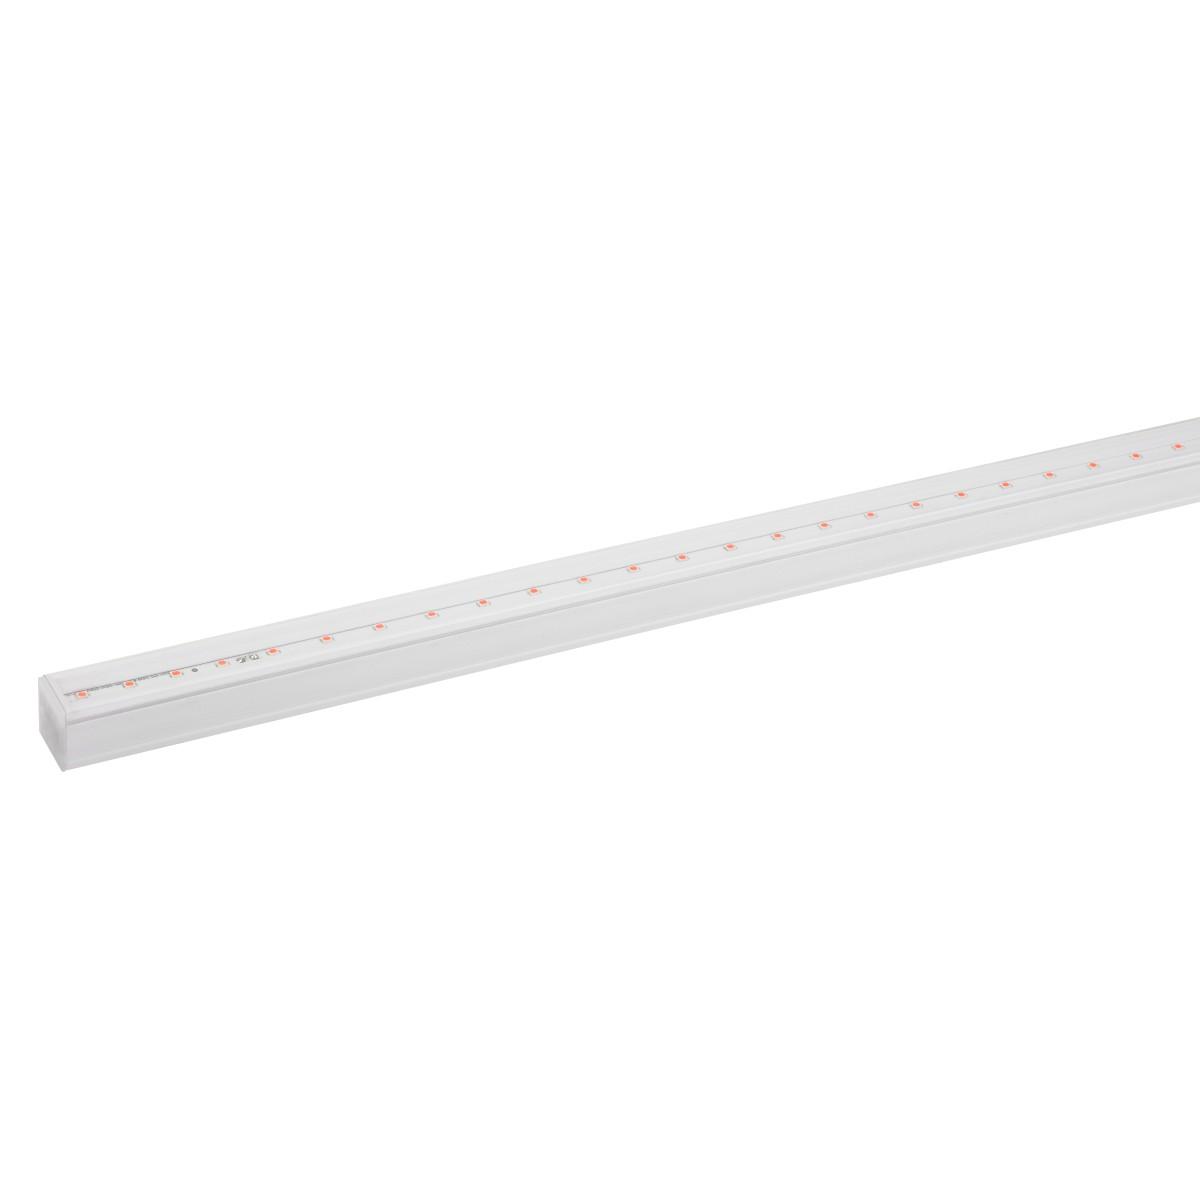 Светильник линейный светодиодный Fito 1300 мм 16 Вт